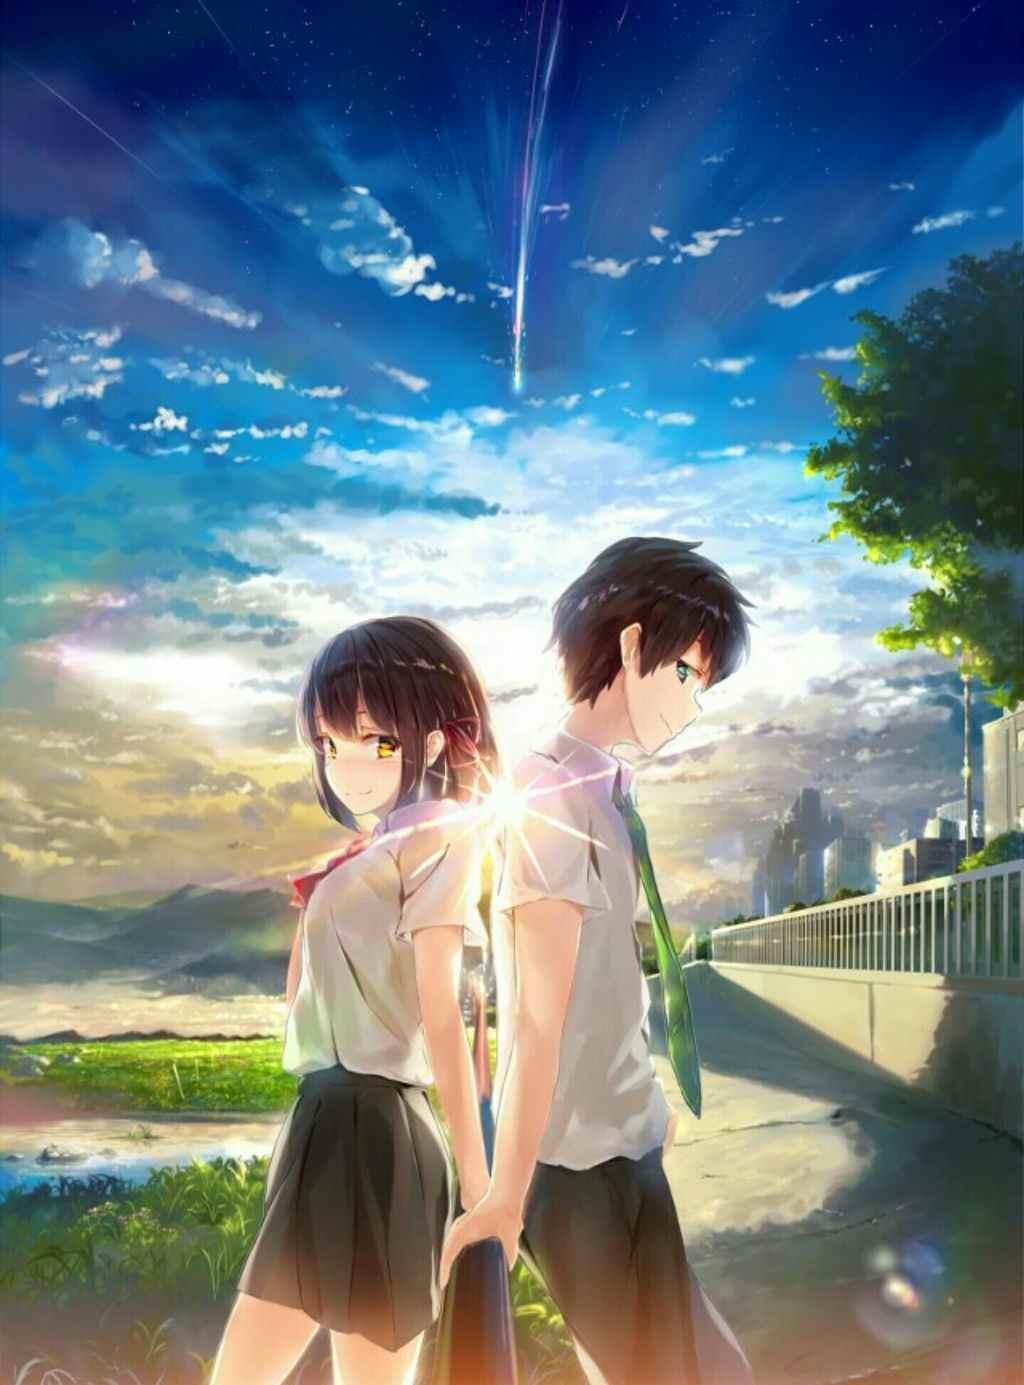 Красивые фото аниме парней и девушек, картинки 04